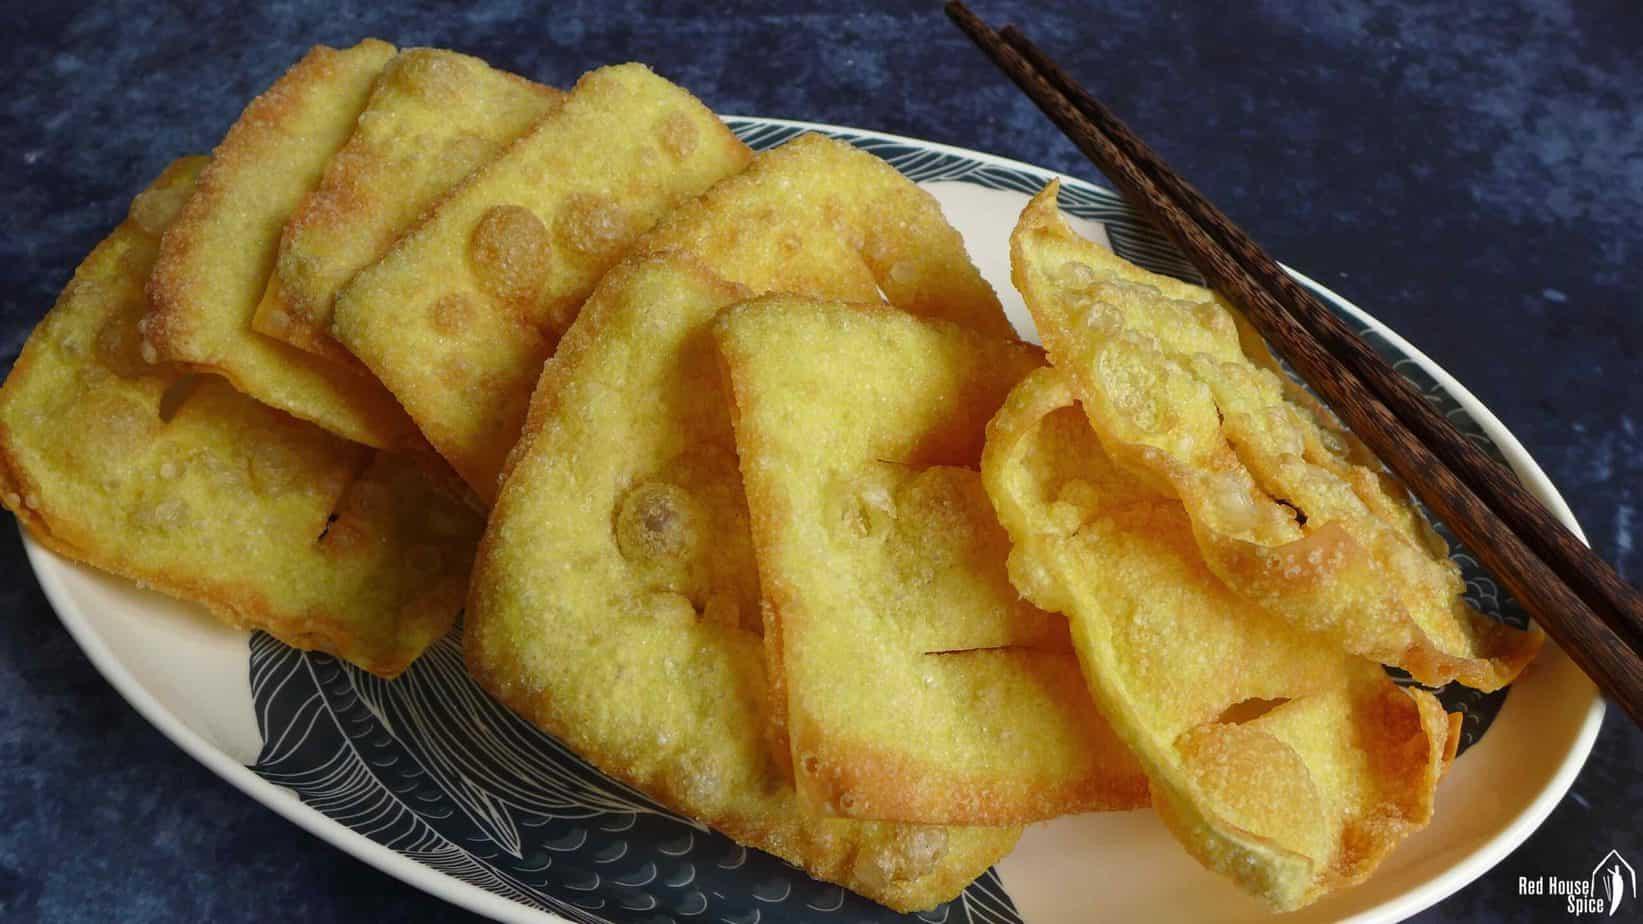 Fried wonton wrappers for Jian Bing